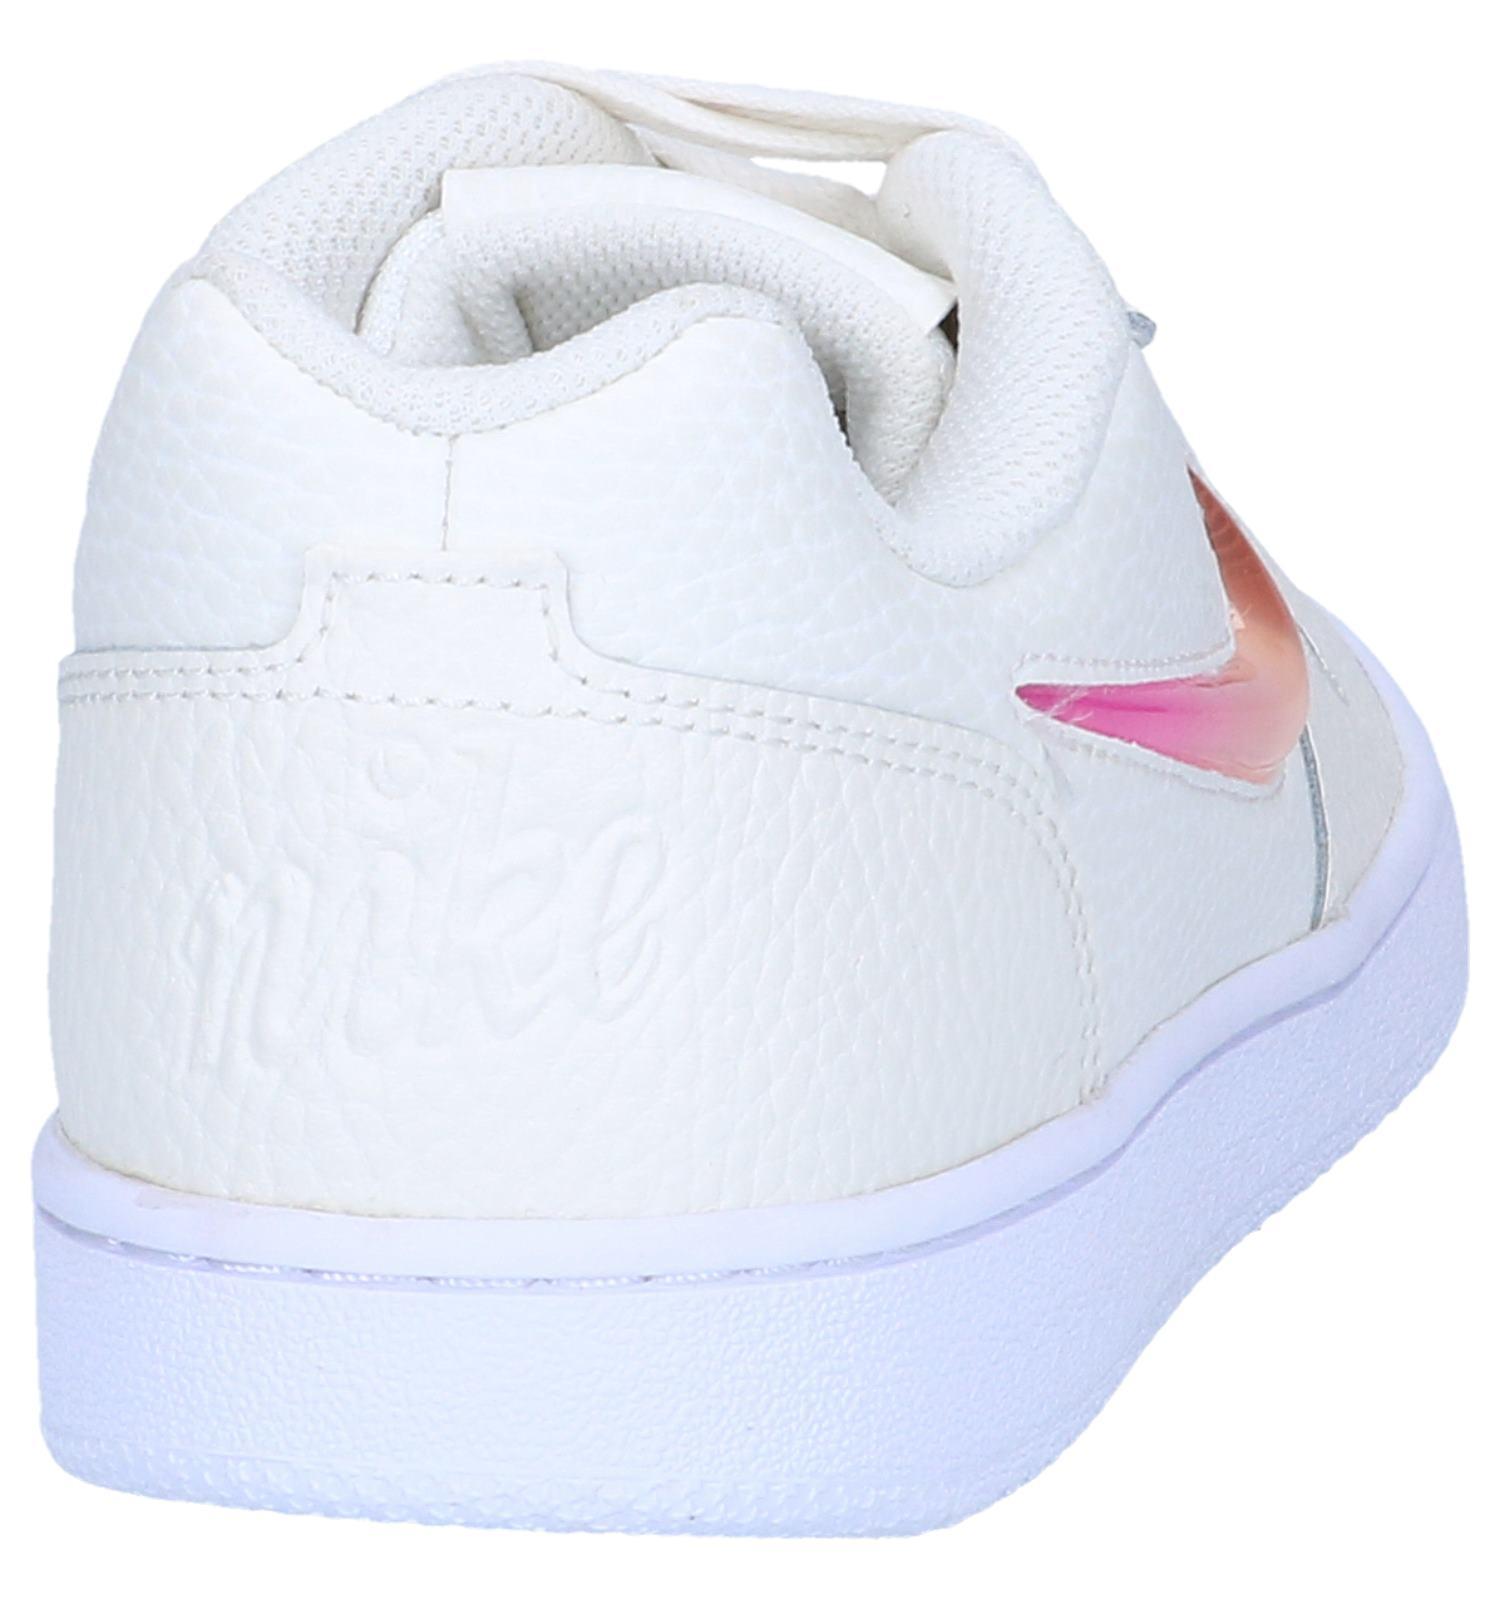 Ebernon Nike Ecru Ecru Sneakers Low Sneakers 4ALR3jqc5S